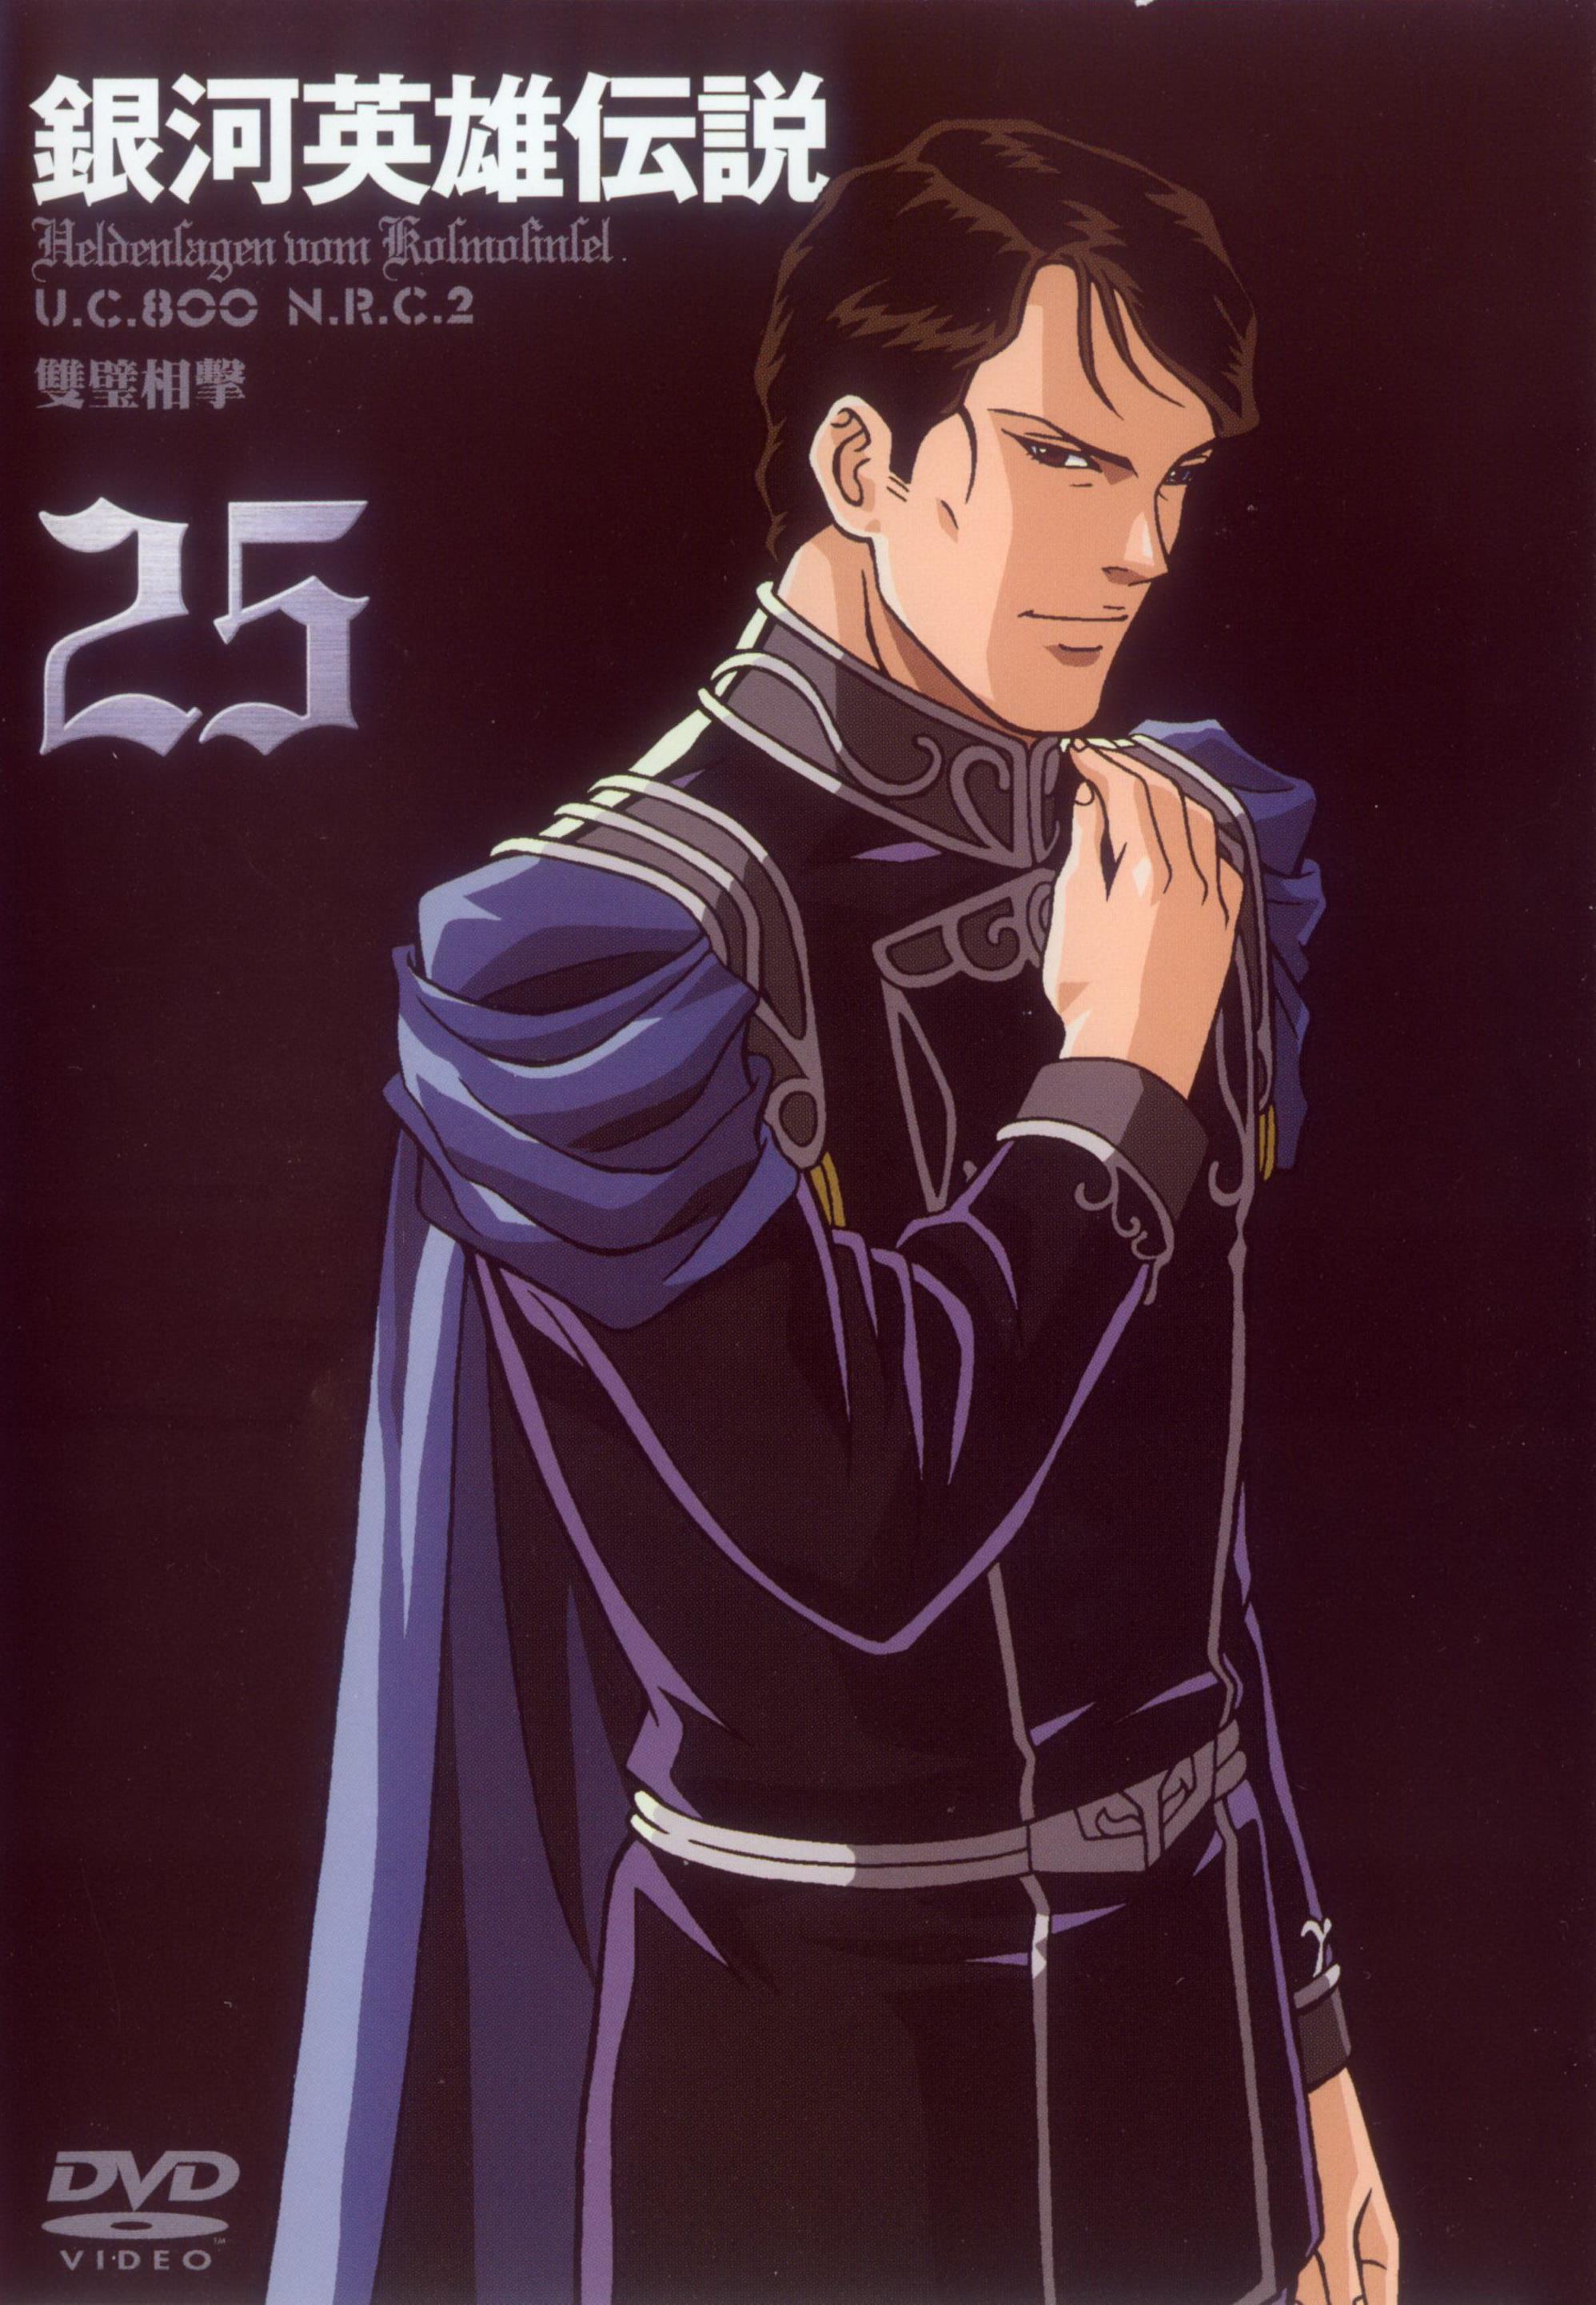 Oskar von Reuenthal - Ginga Eiyuu Densetsu - Image #232746 ...